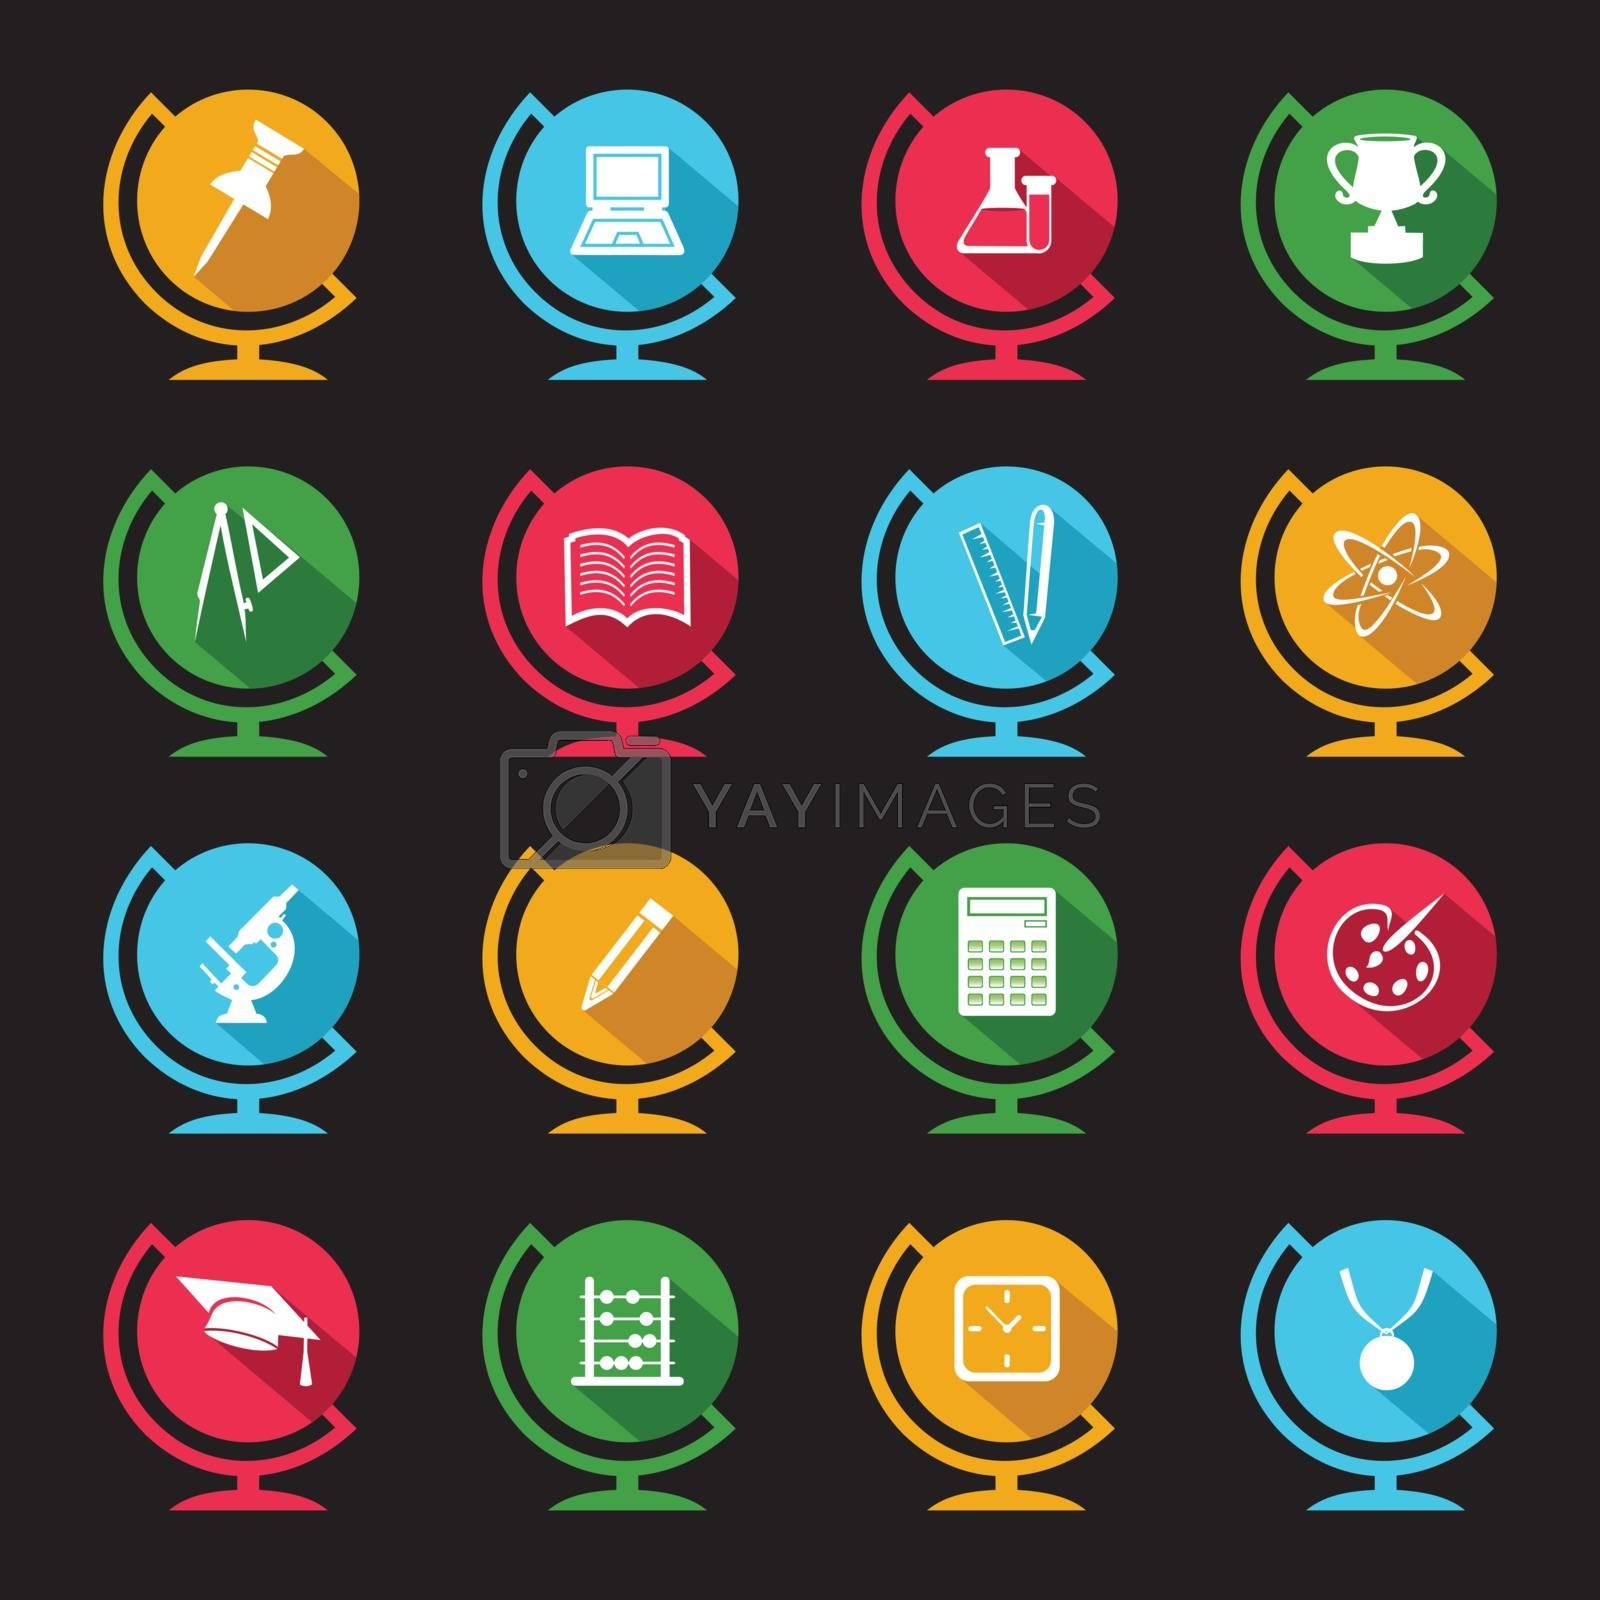 Set of educational icons on globe design